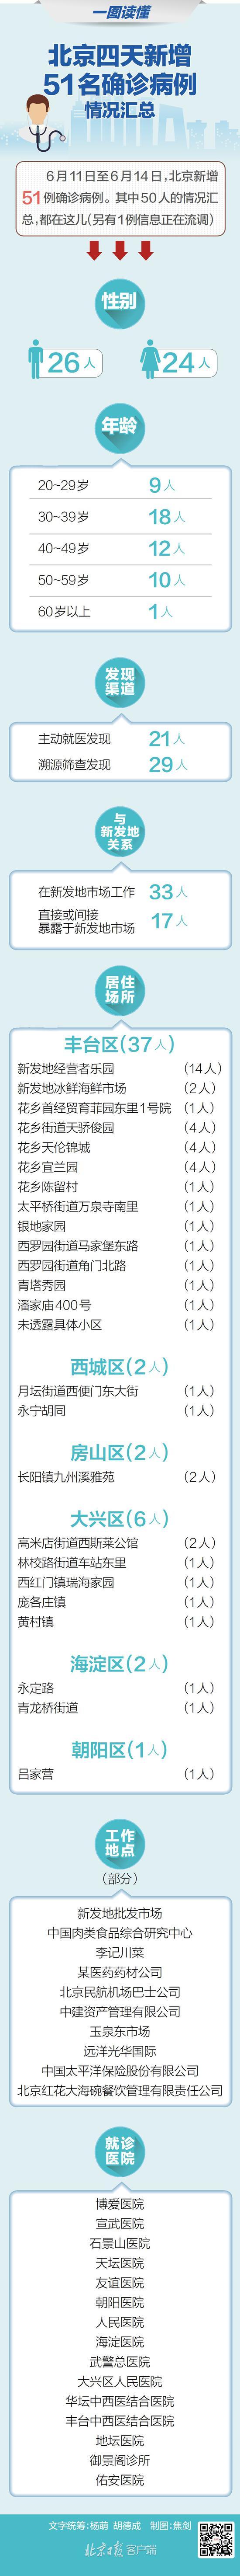 「摩天招商」图读懂北京新增摩天招商5图片